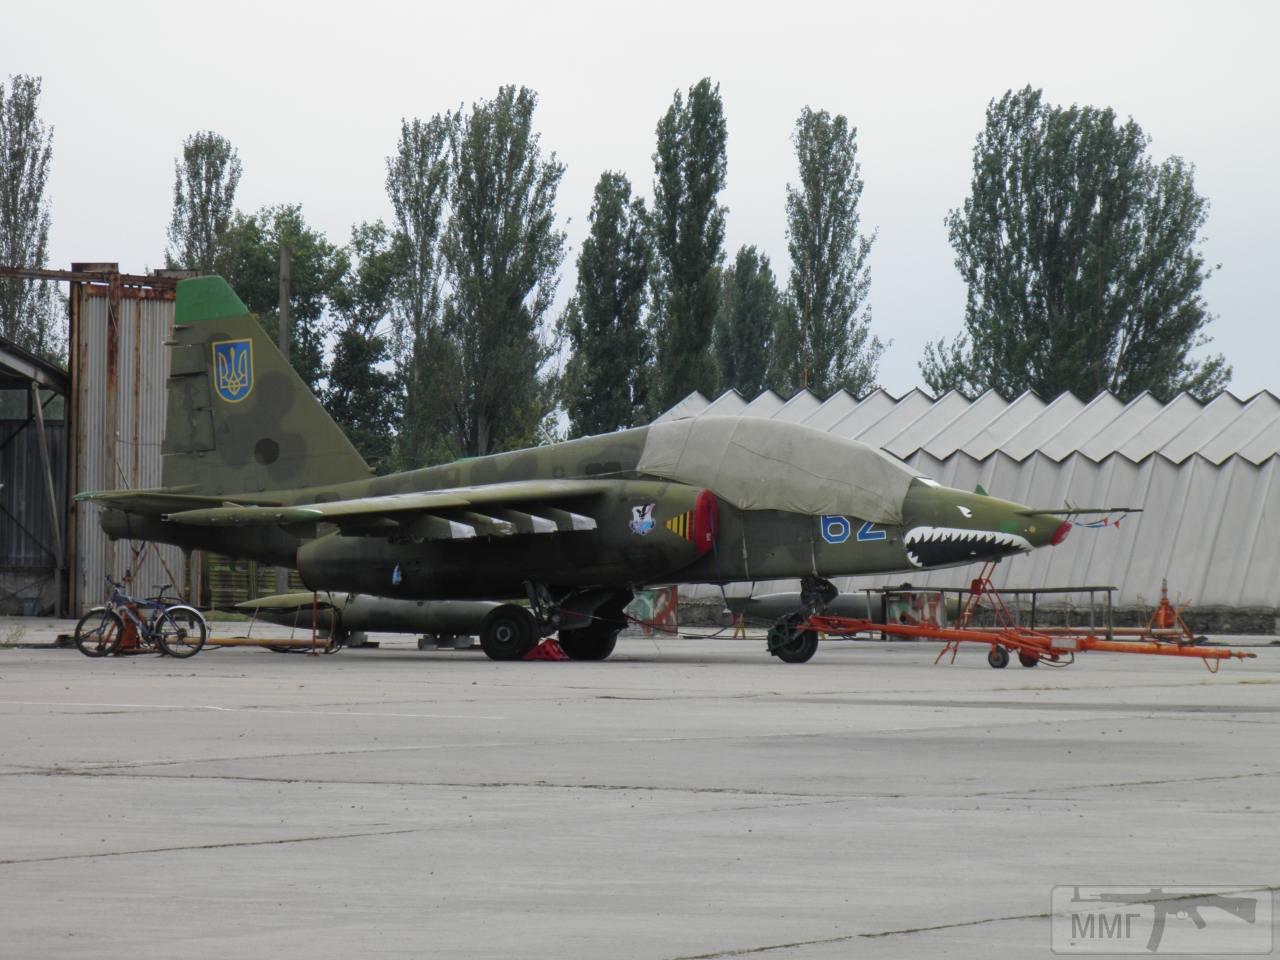 33144 - Воздушные Силы Вооруженных Сил Украины